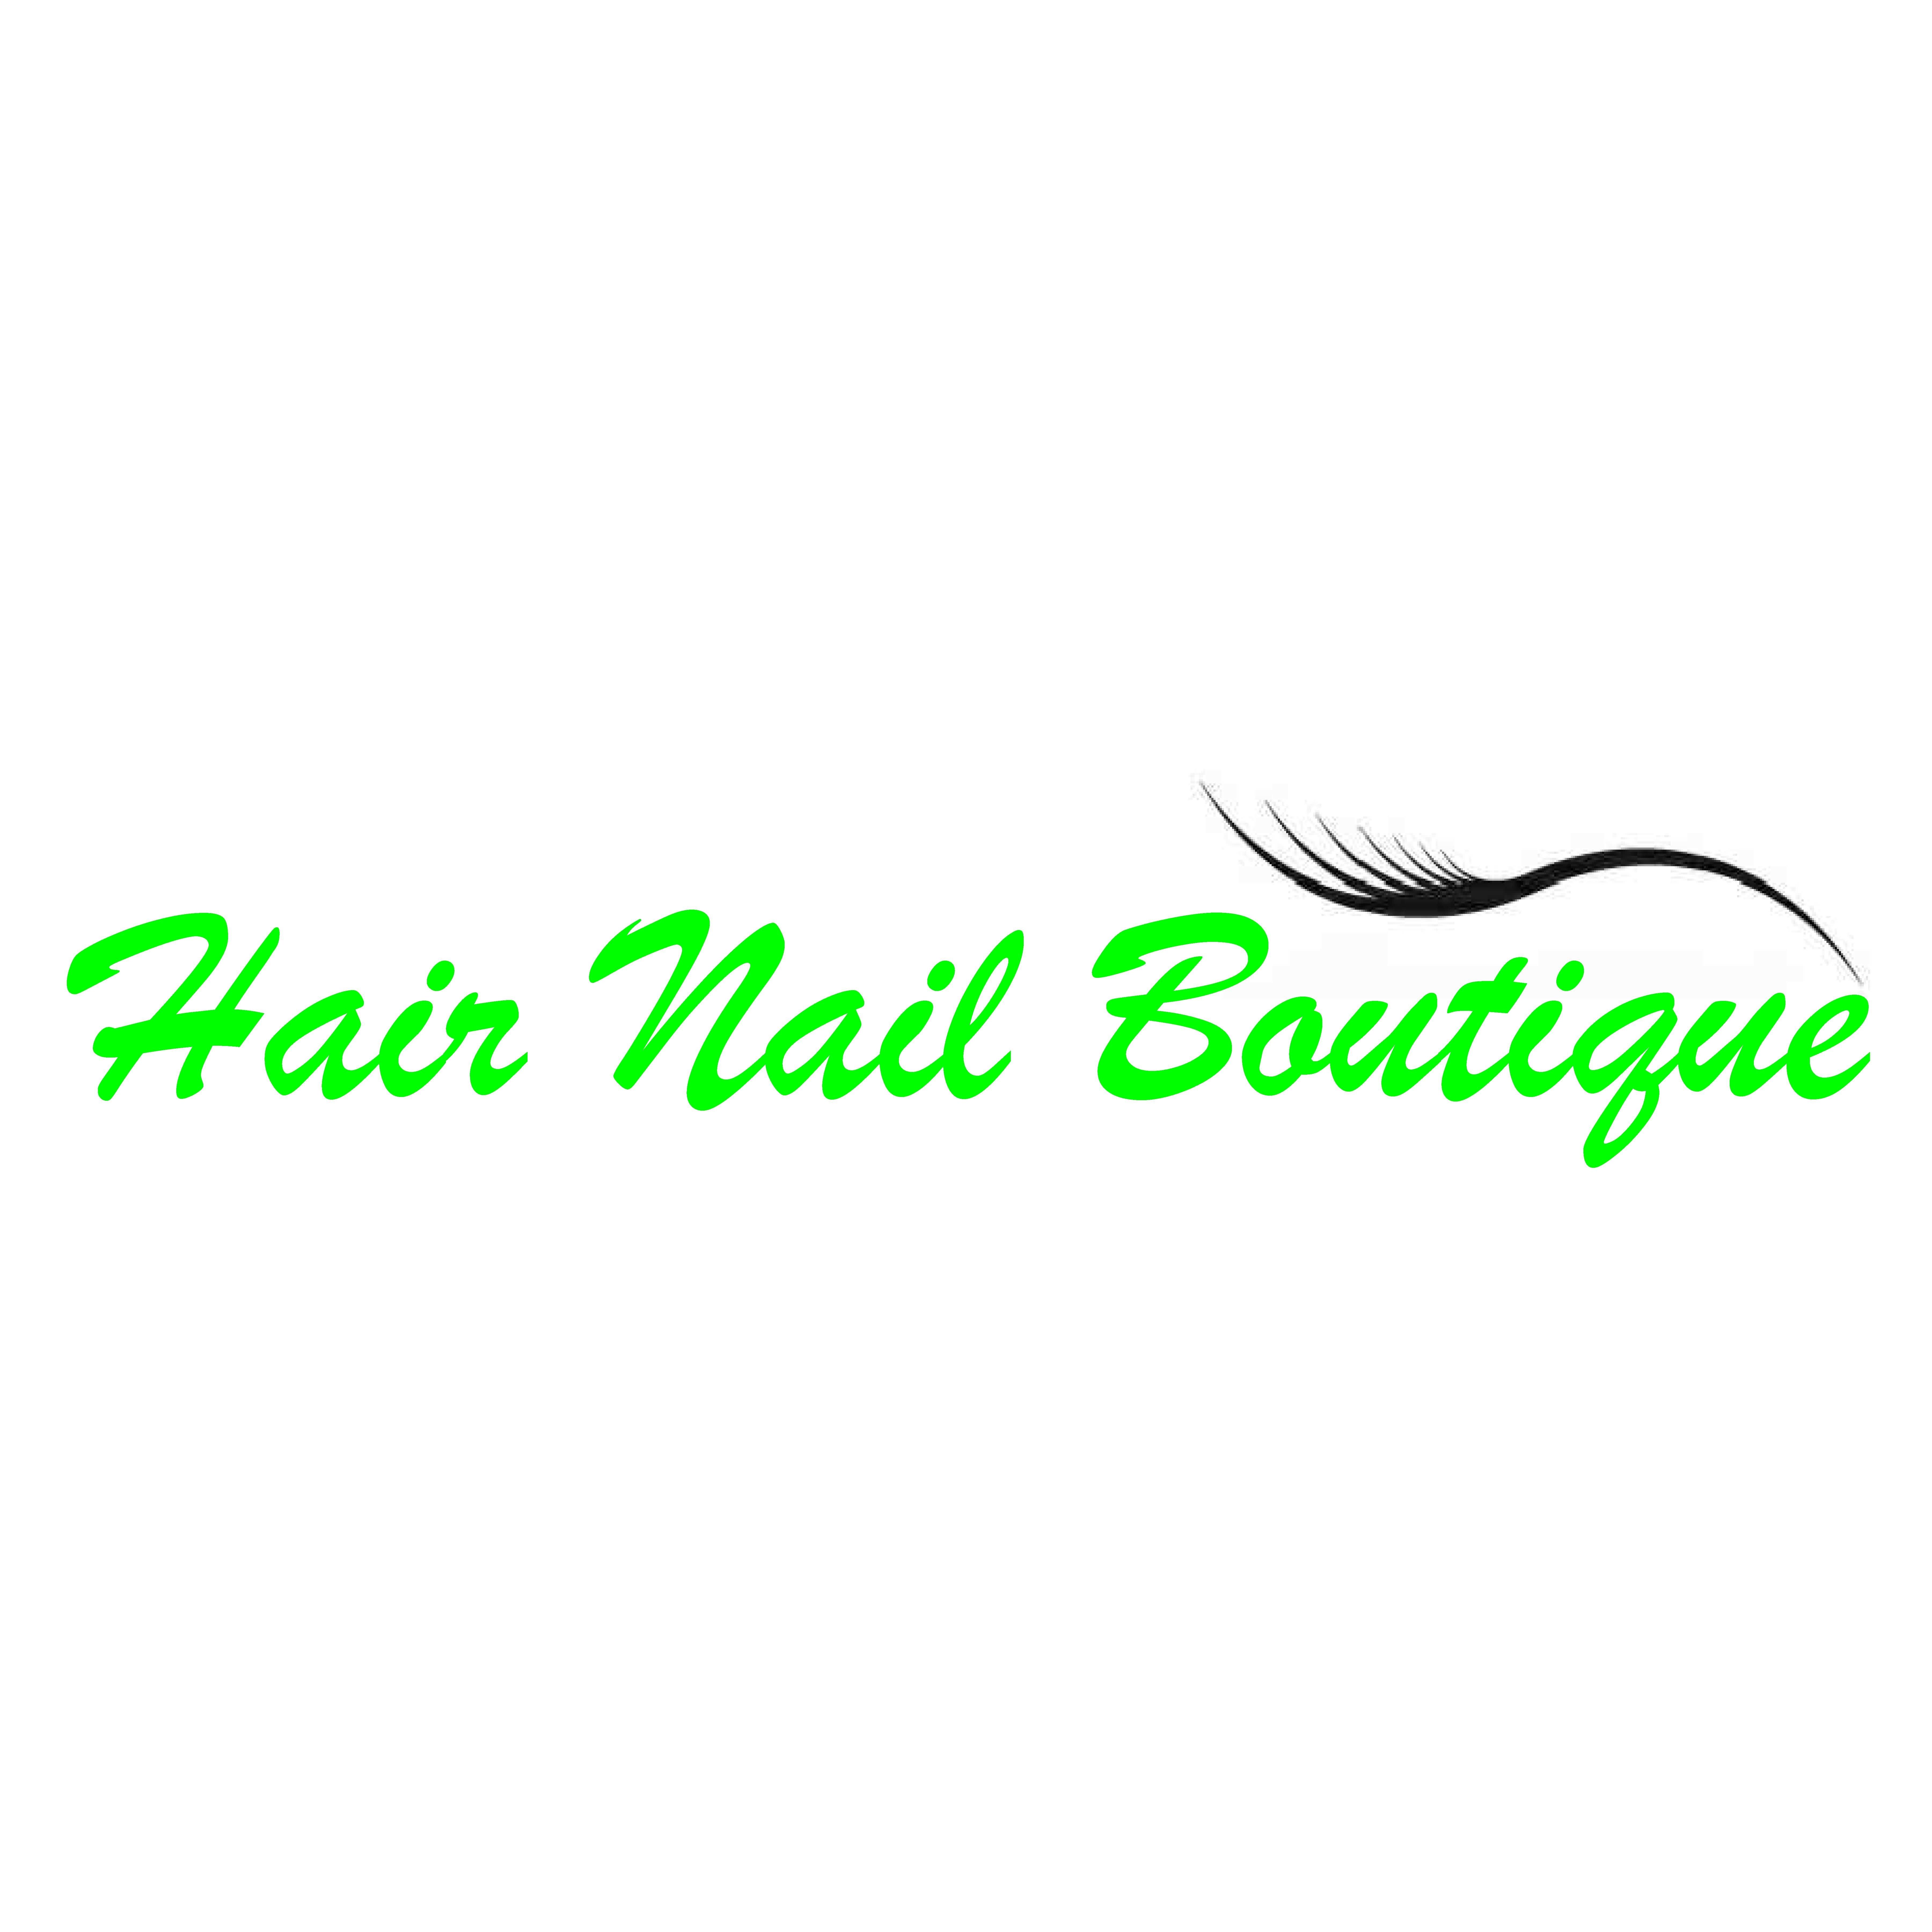 Hair Nail Boutique